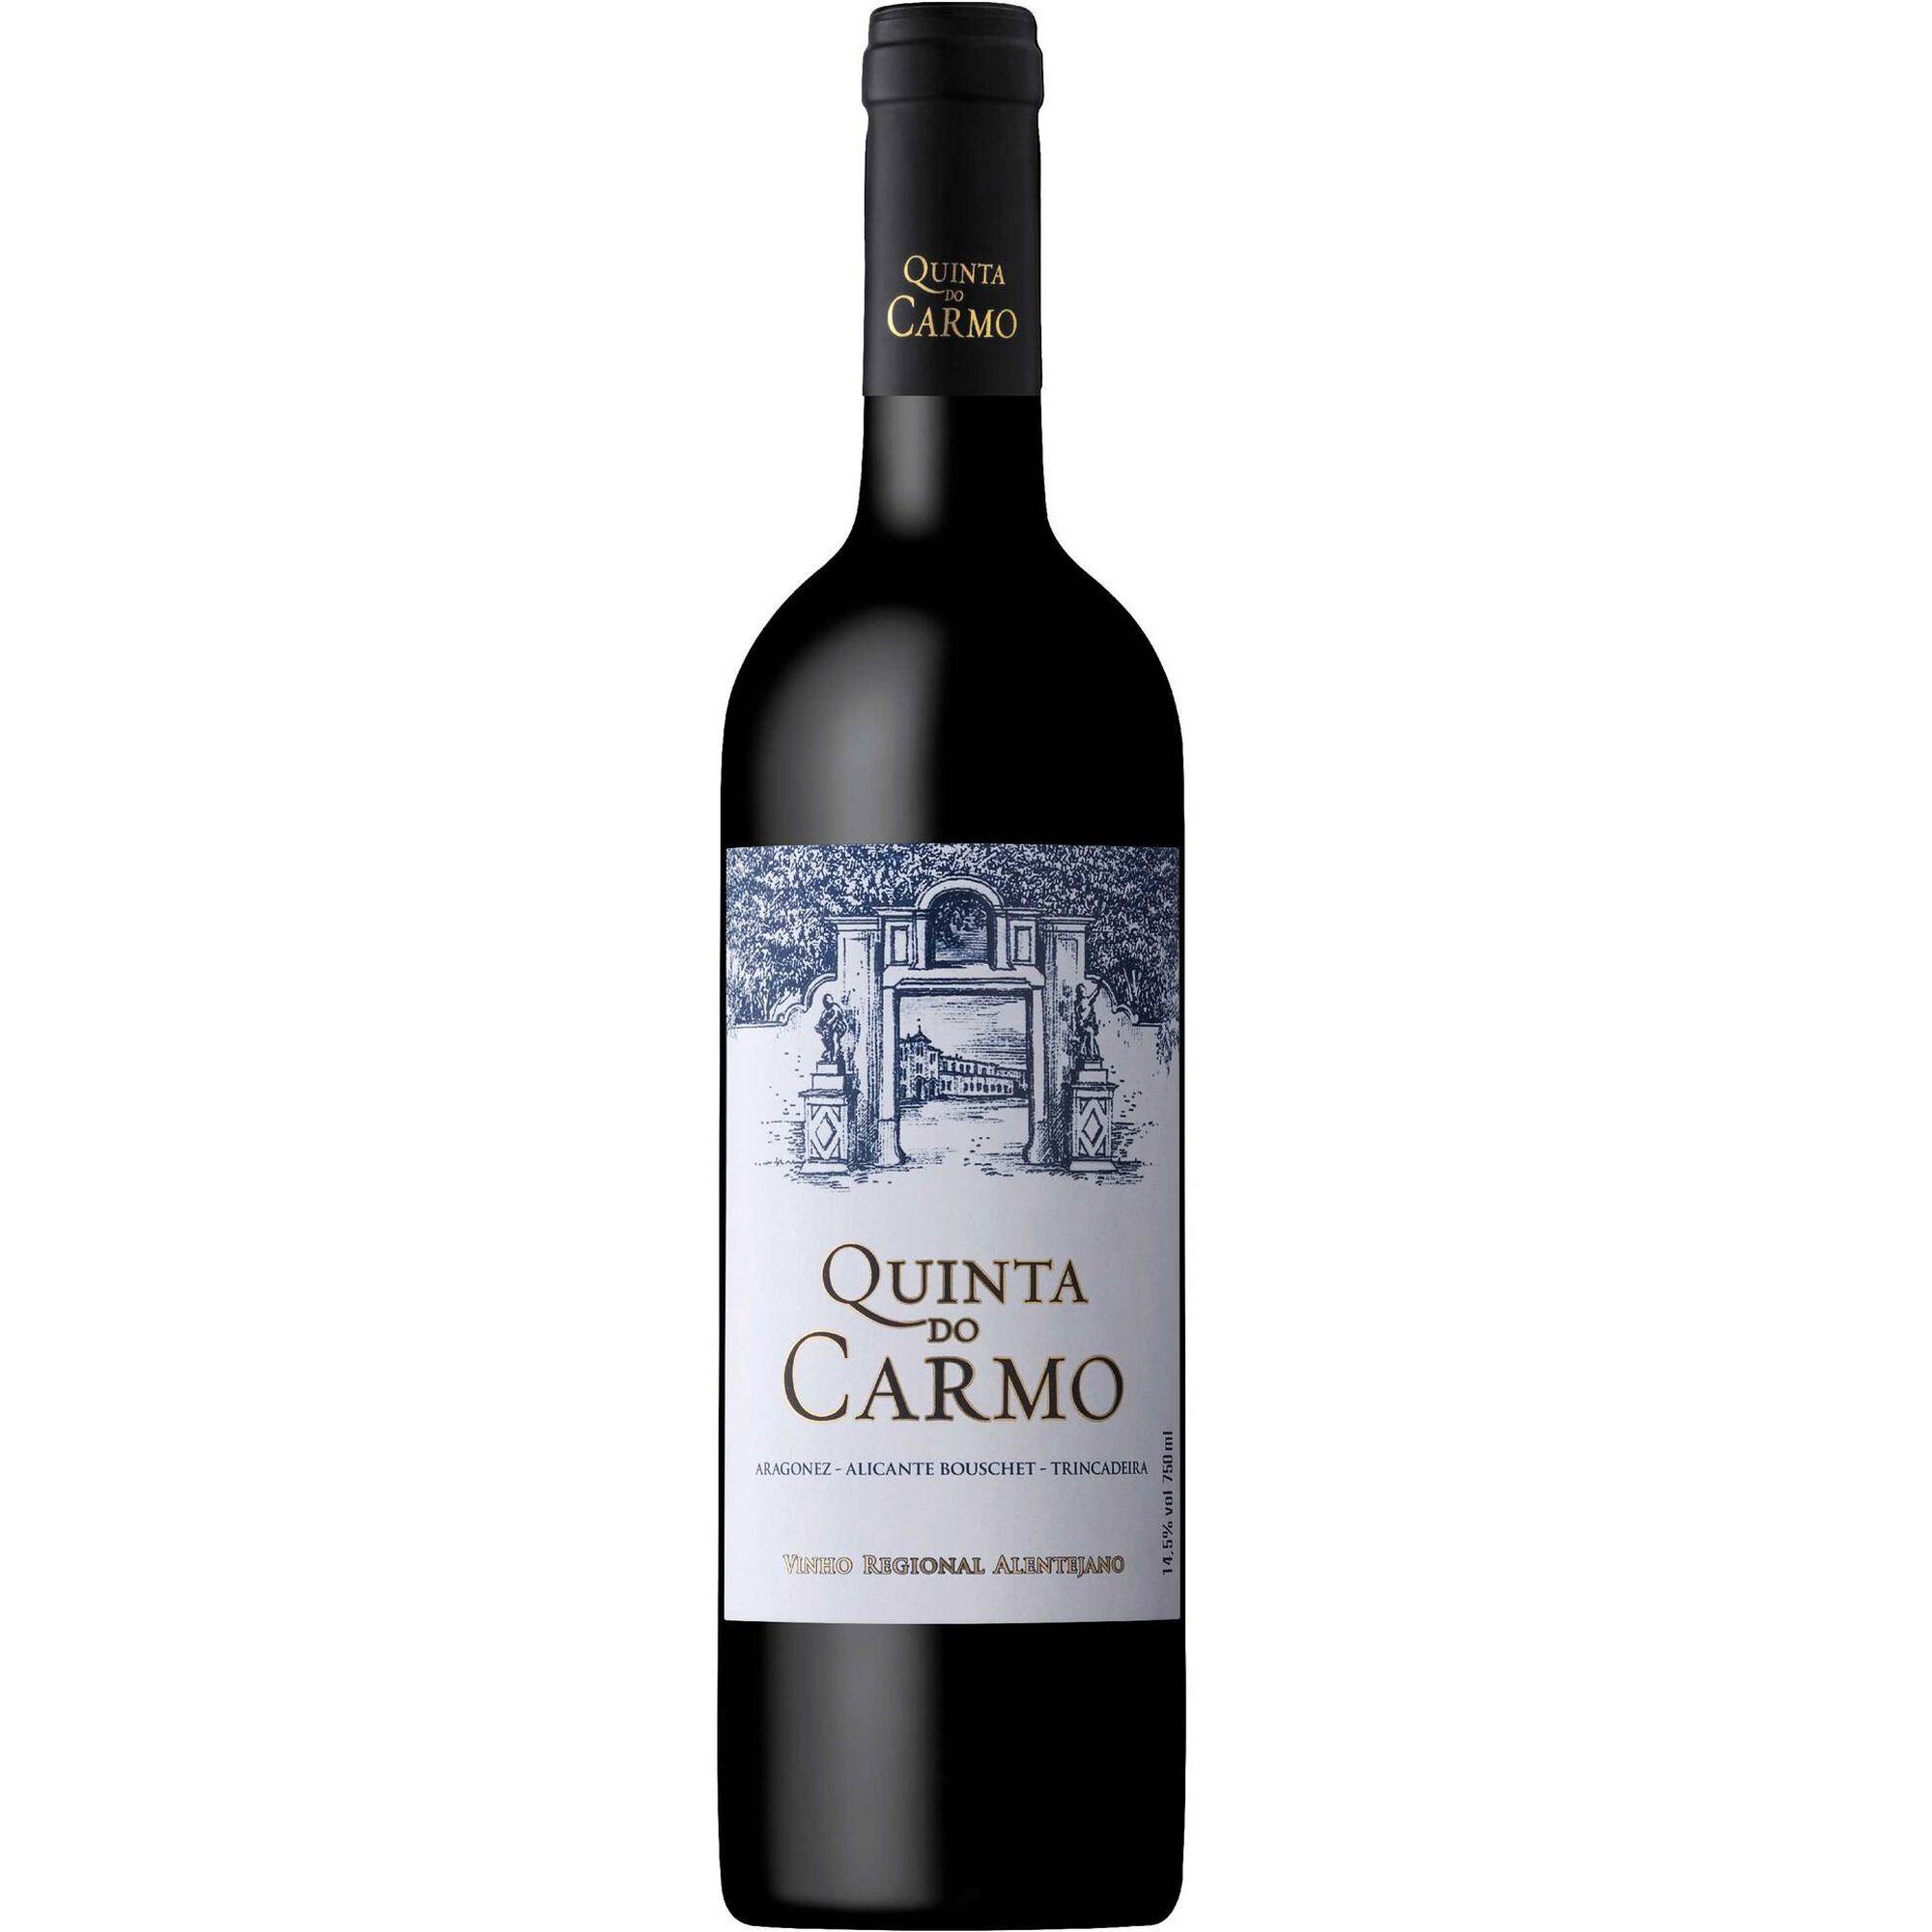 Quinta do Carmo Regional Alentejano Vinho Tinto